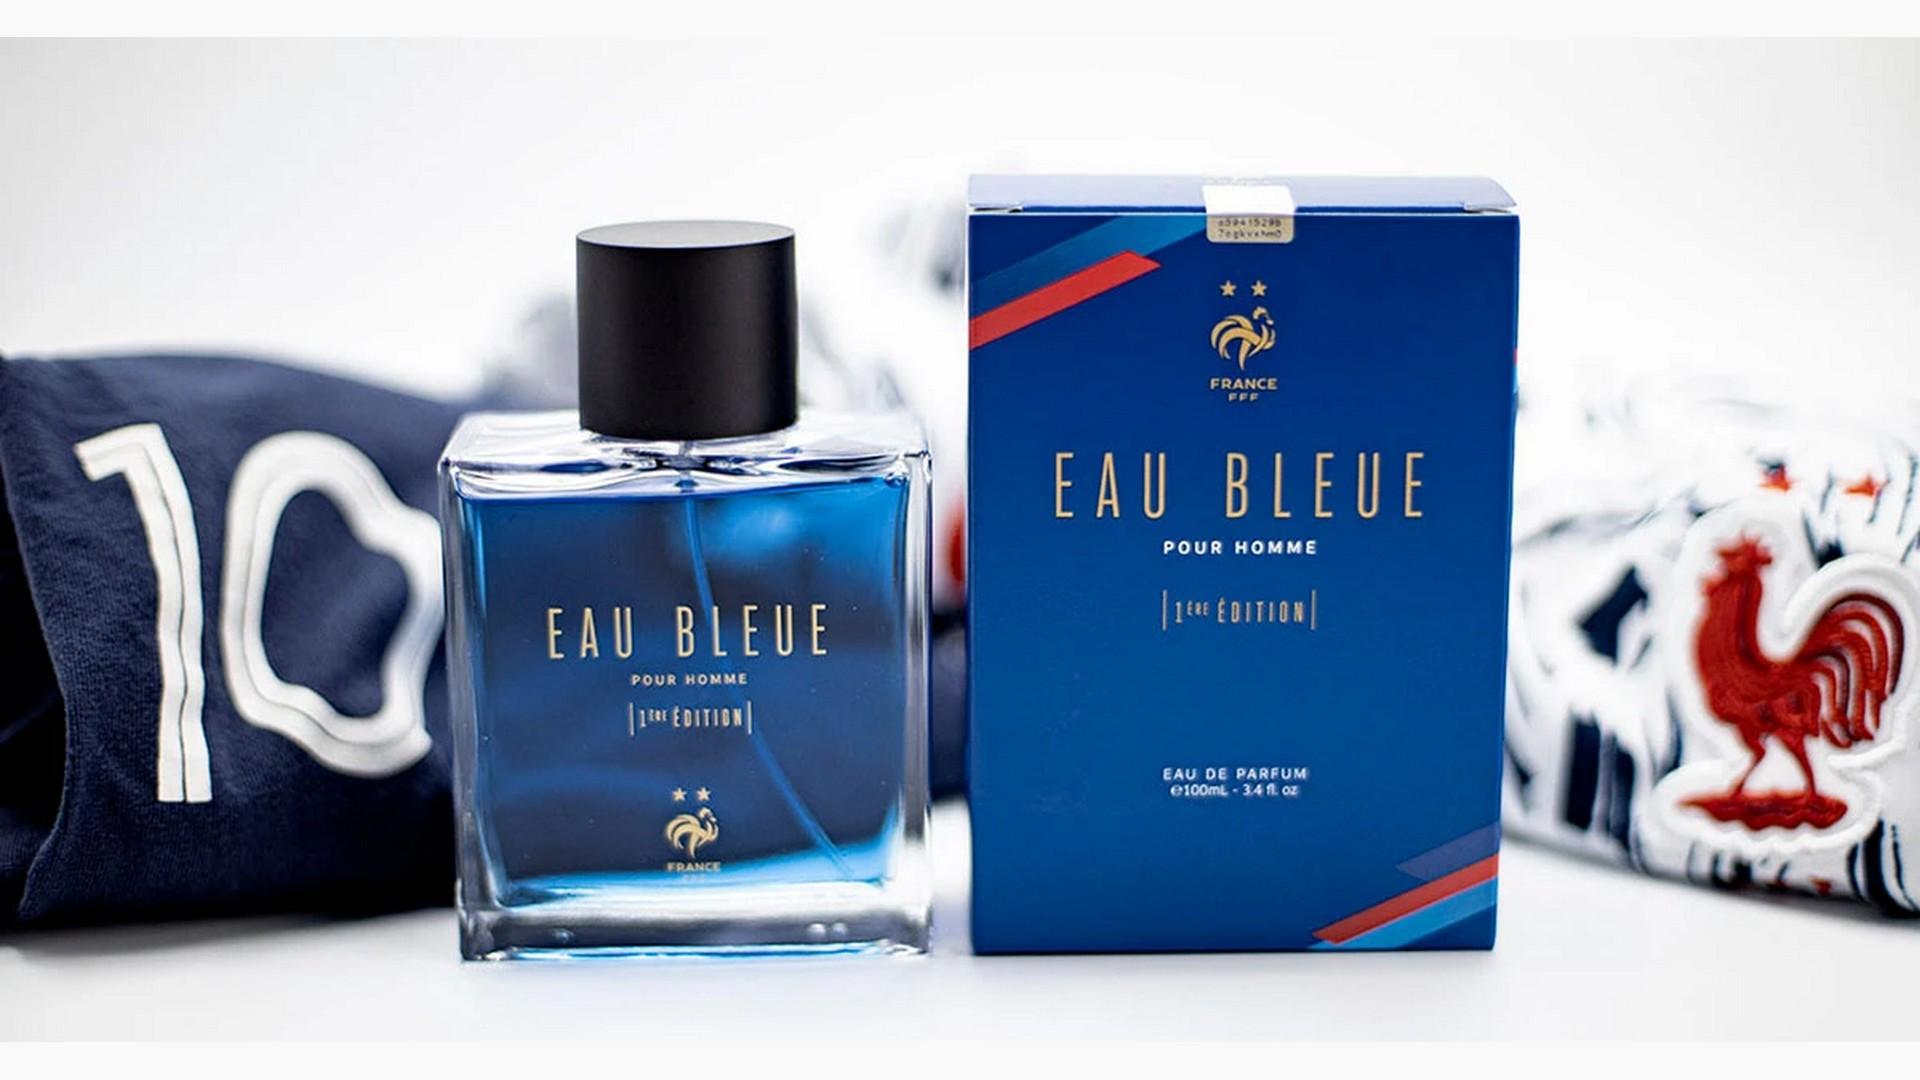 Eau Bleue Parfum